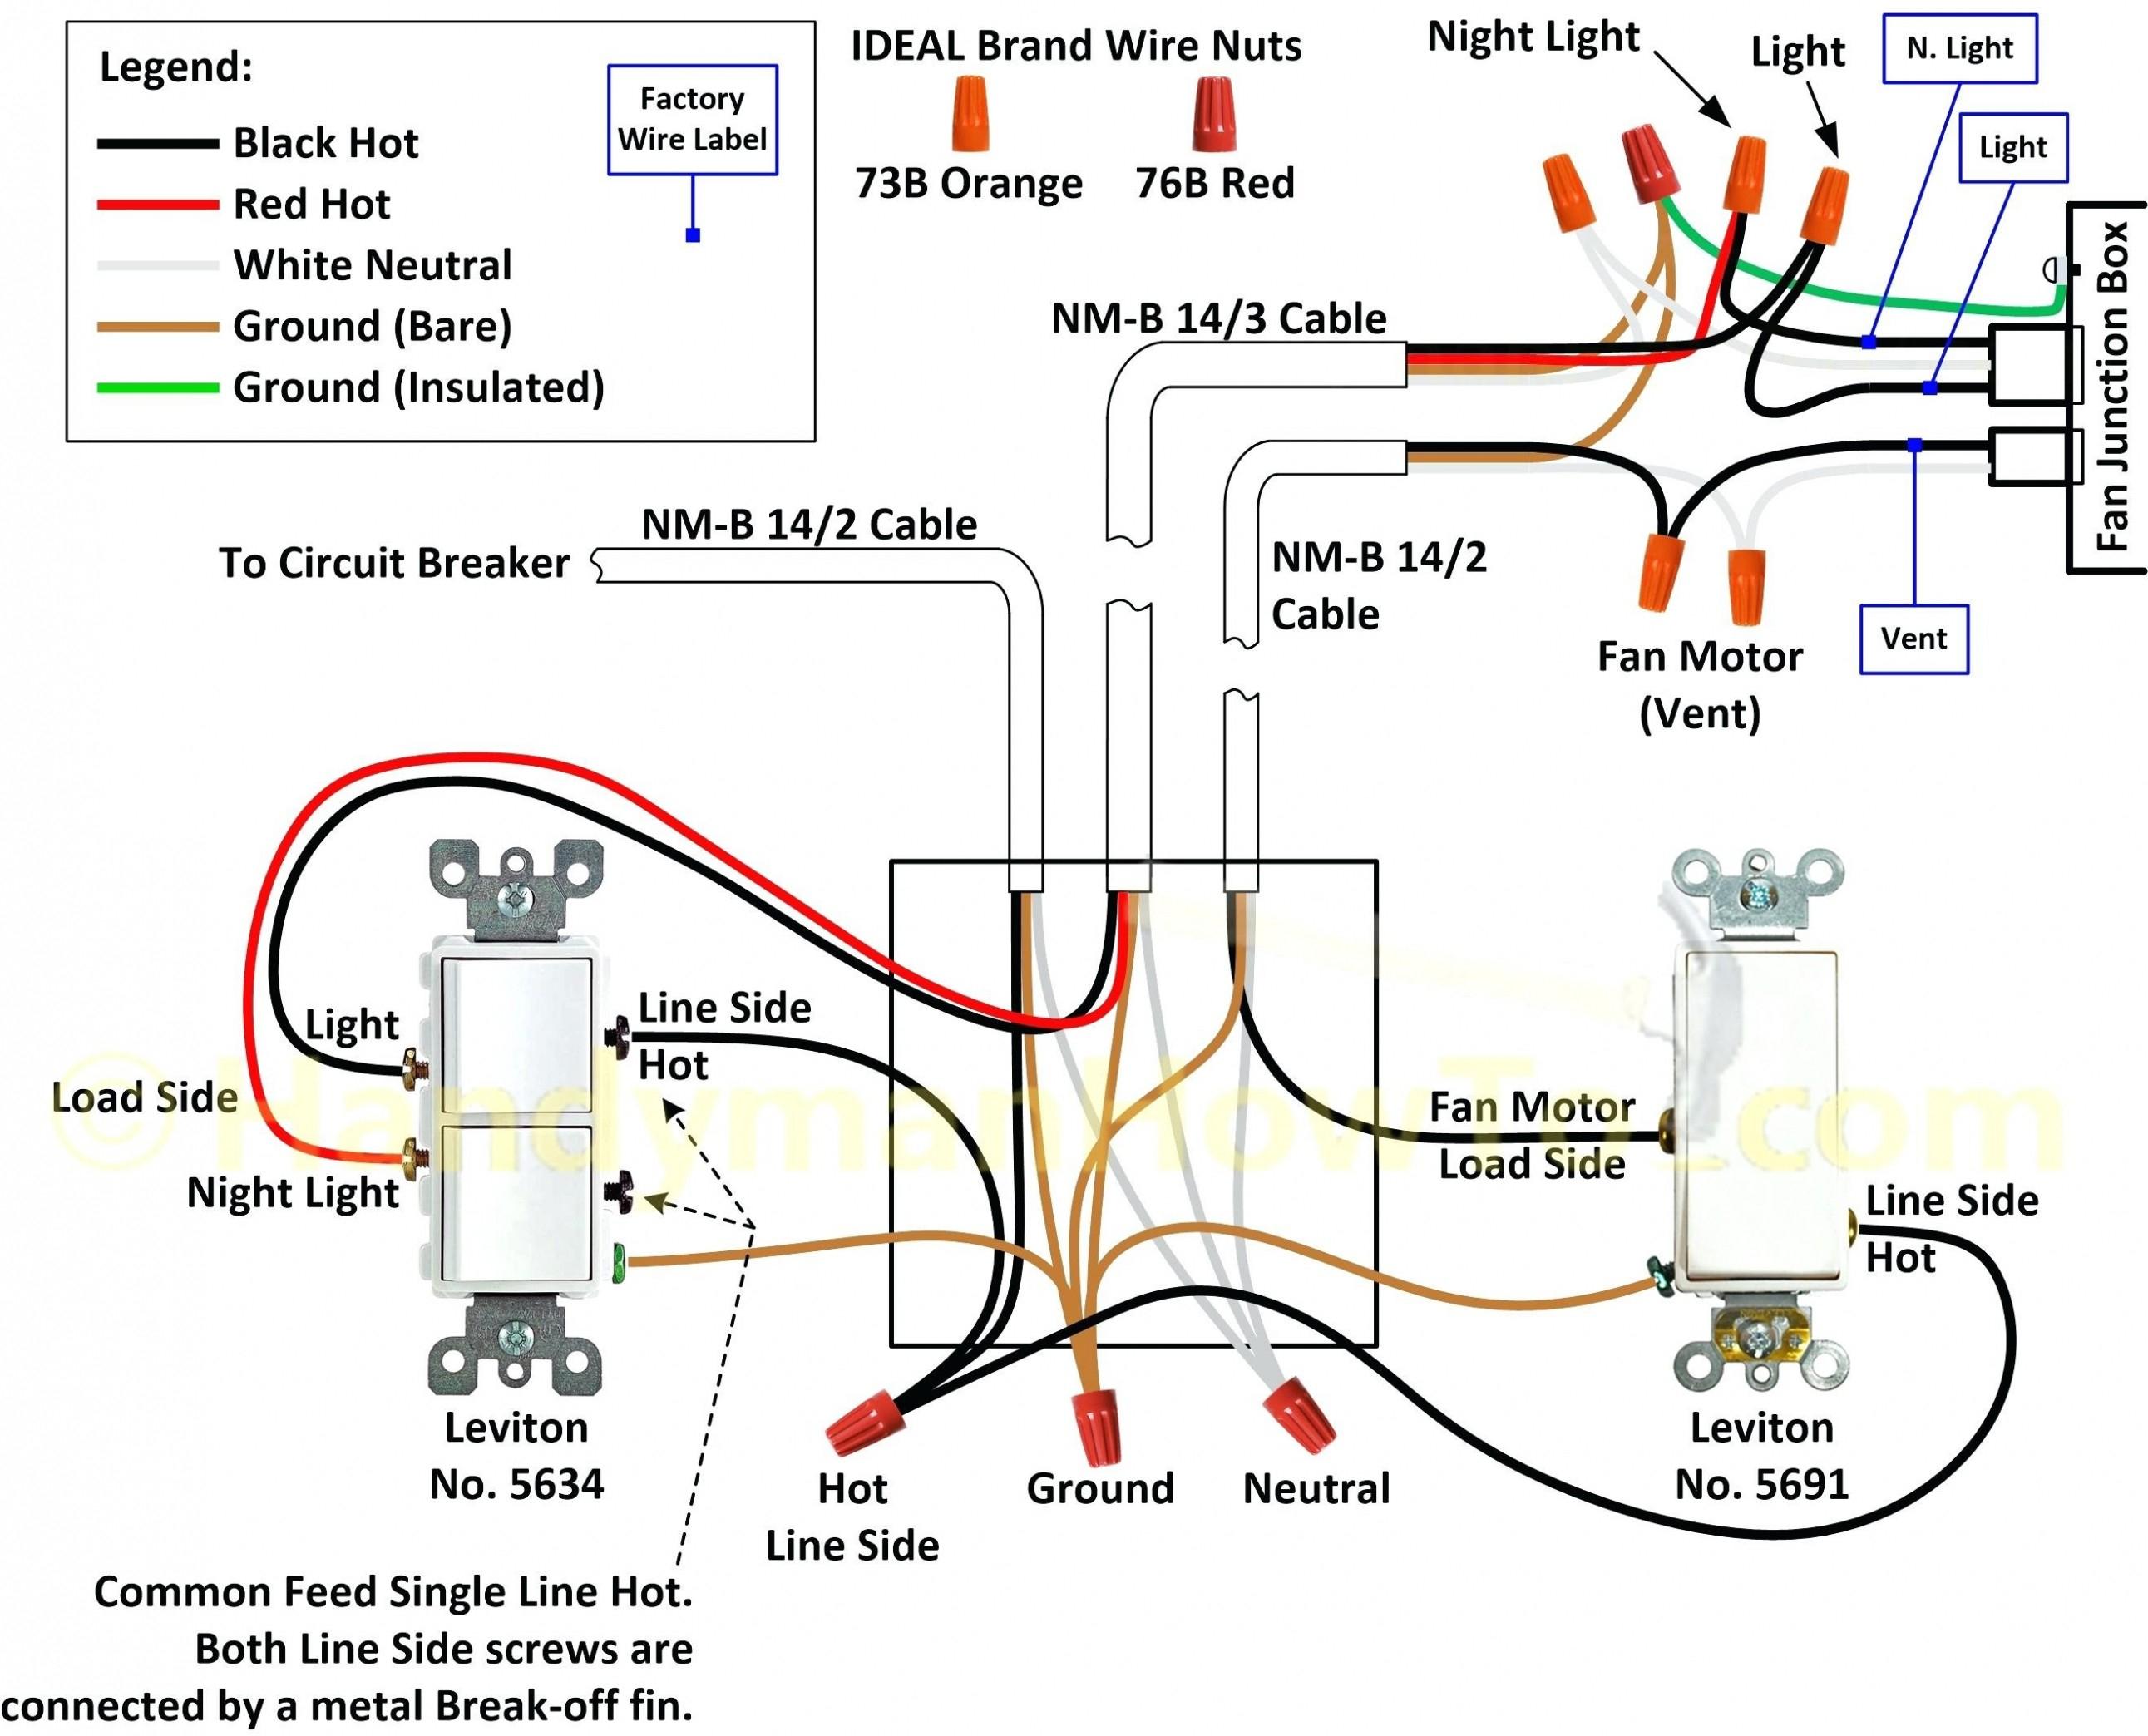 3 Way Wiring Diagram 4 Way Switch Wiring Diagram Uk Wiring Diagram Bookmark